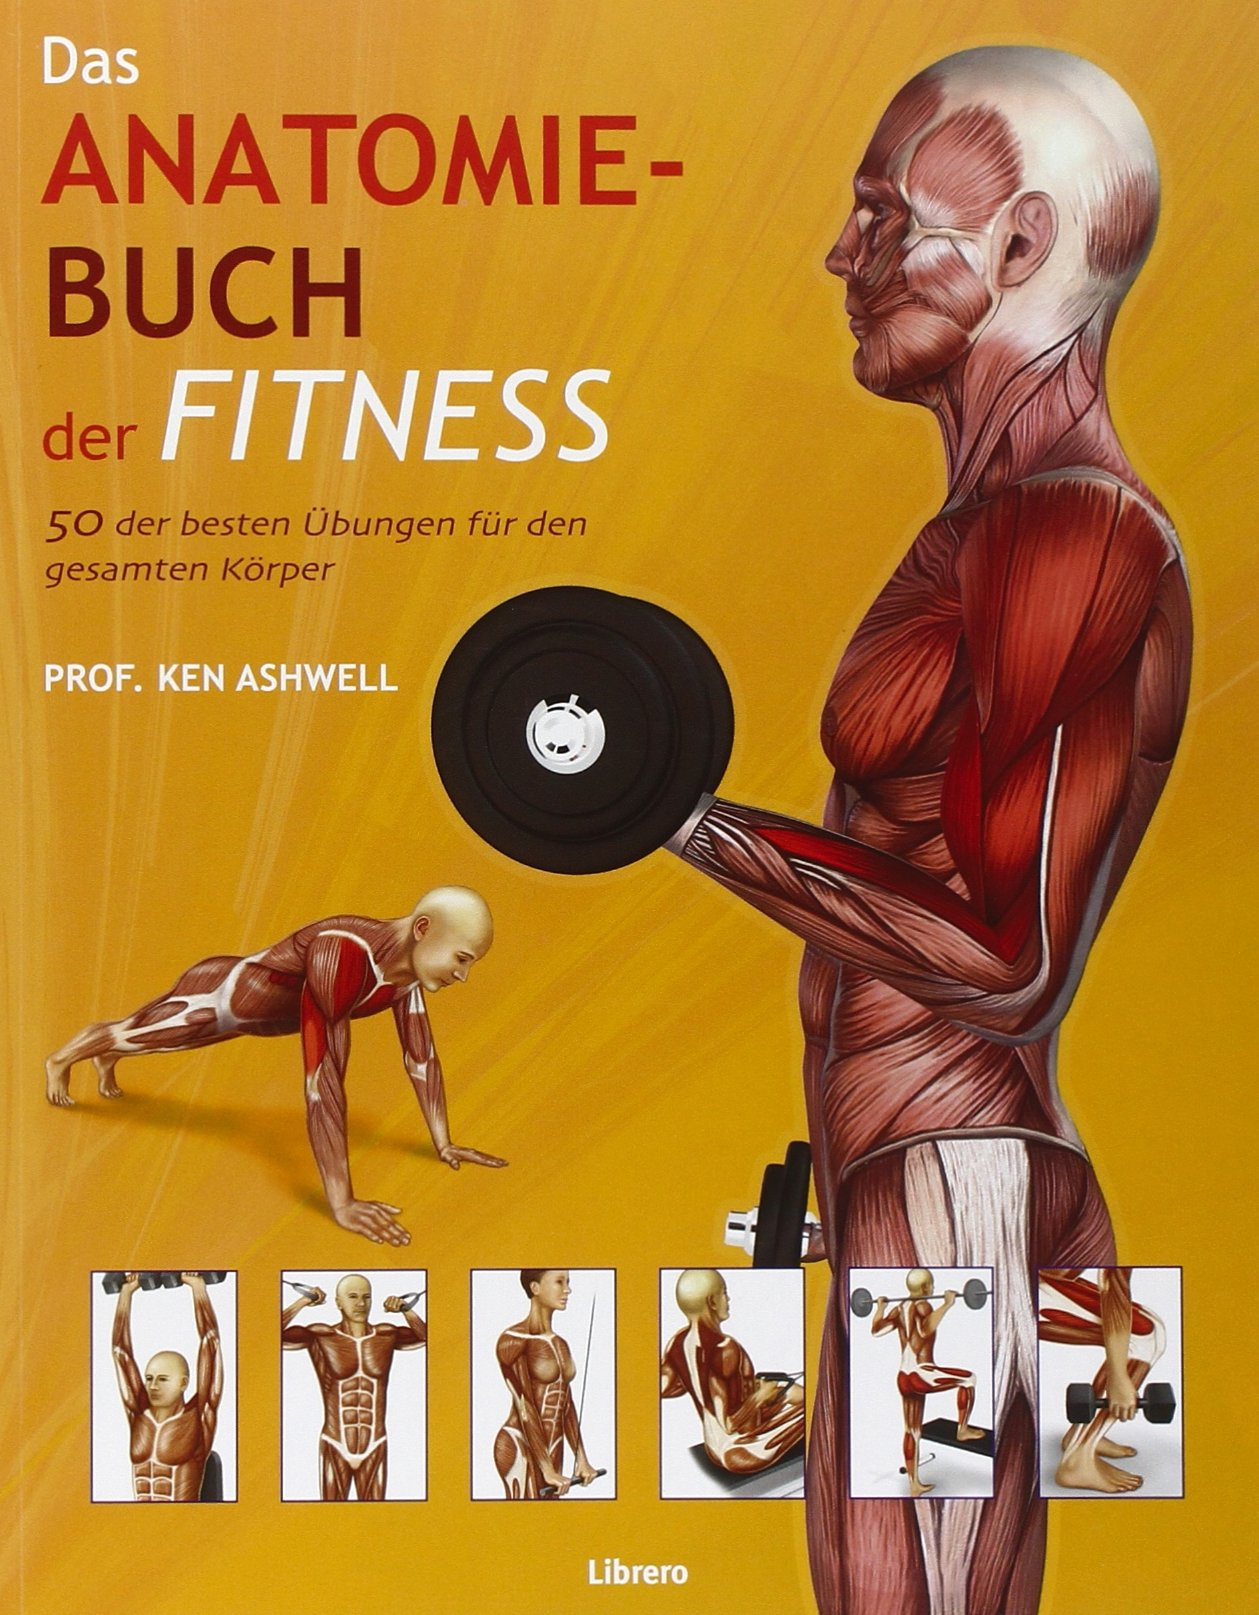 Das Anatomie-Buch der Fitness: Dieser für Praxis und Theorie ...